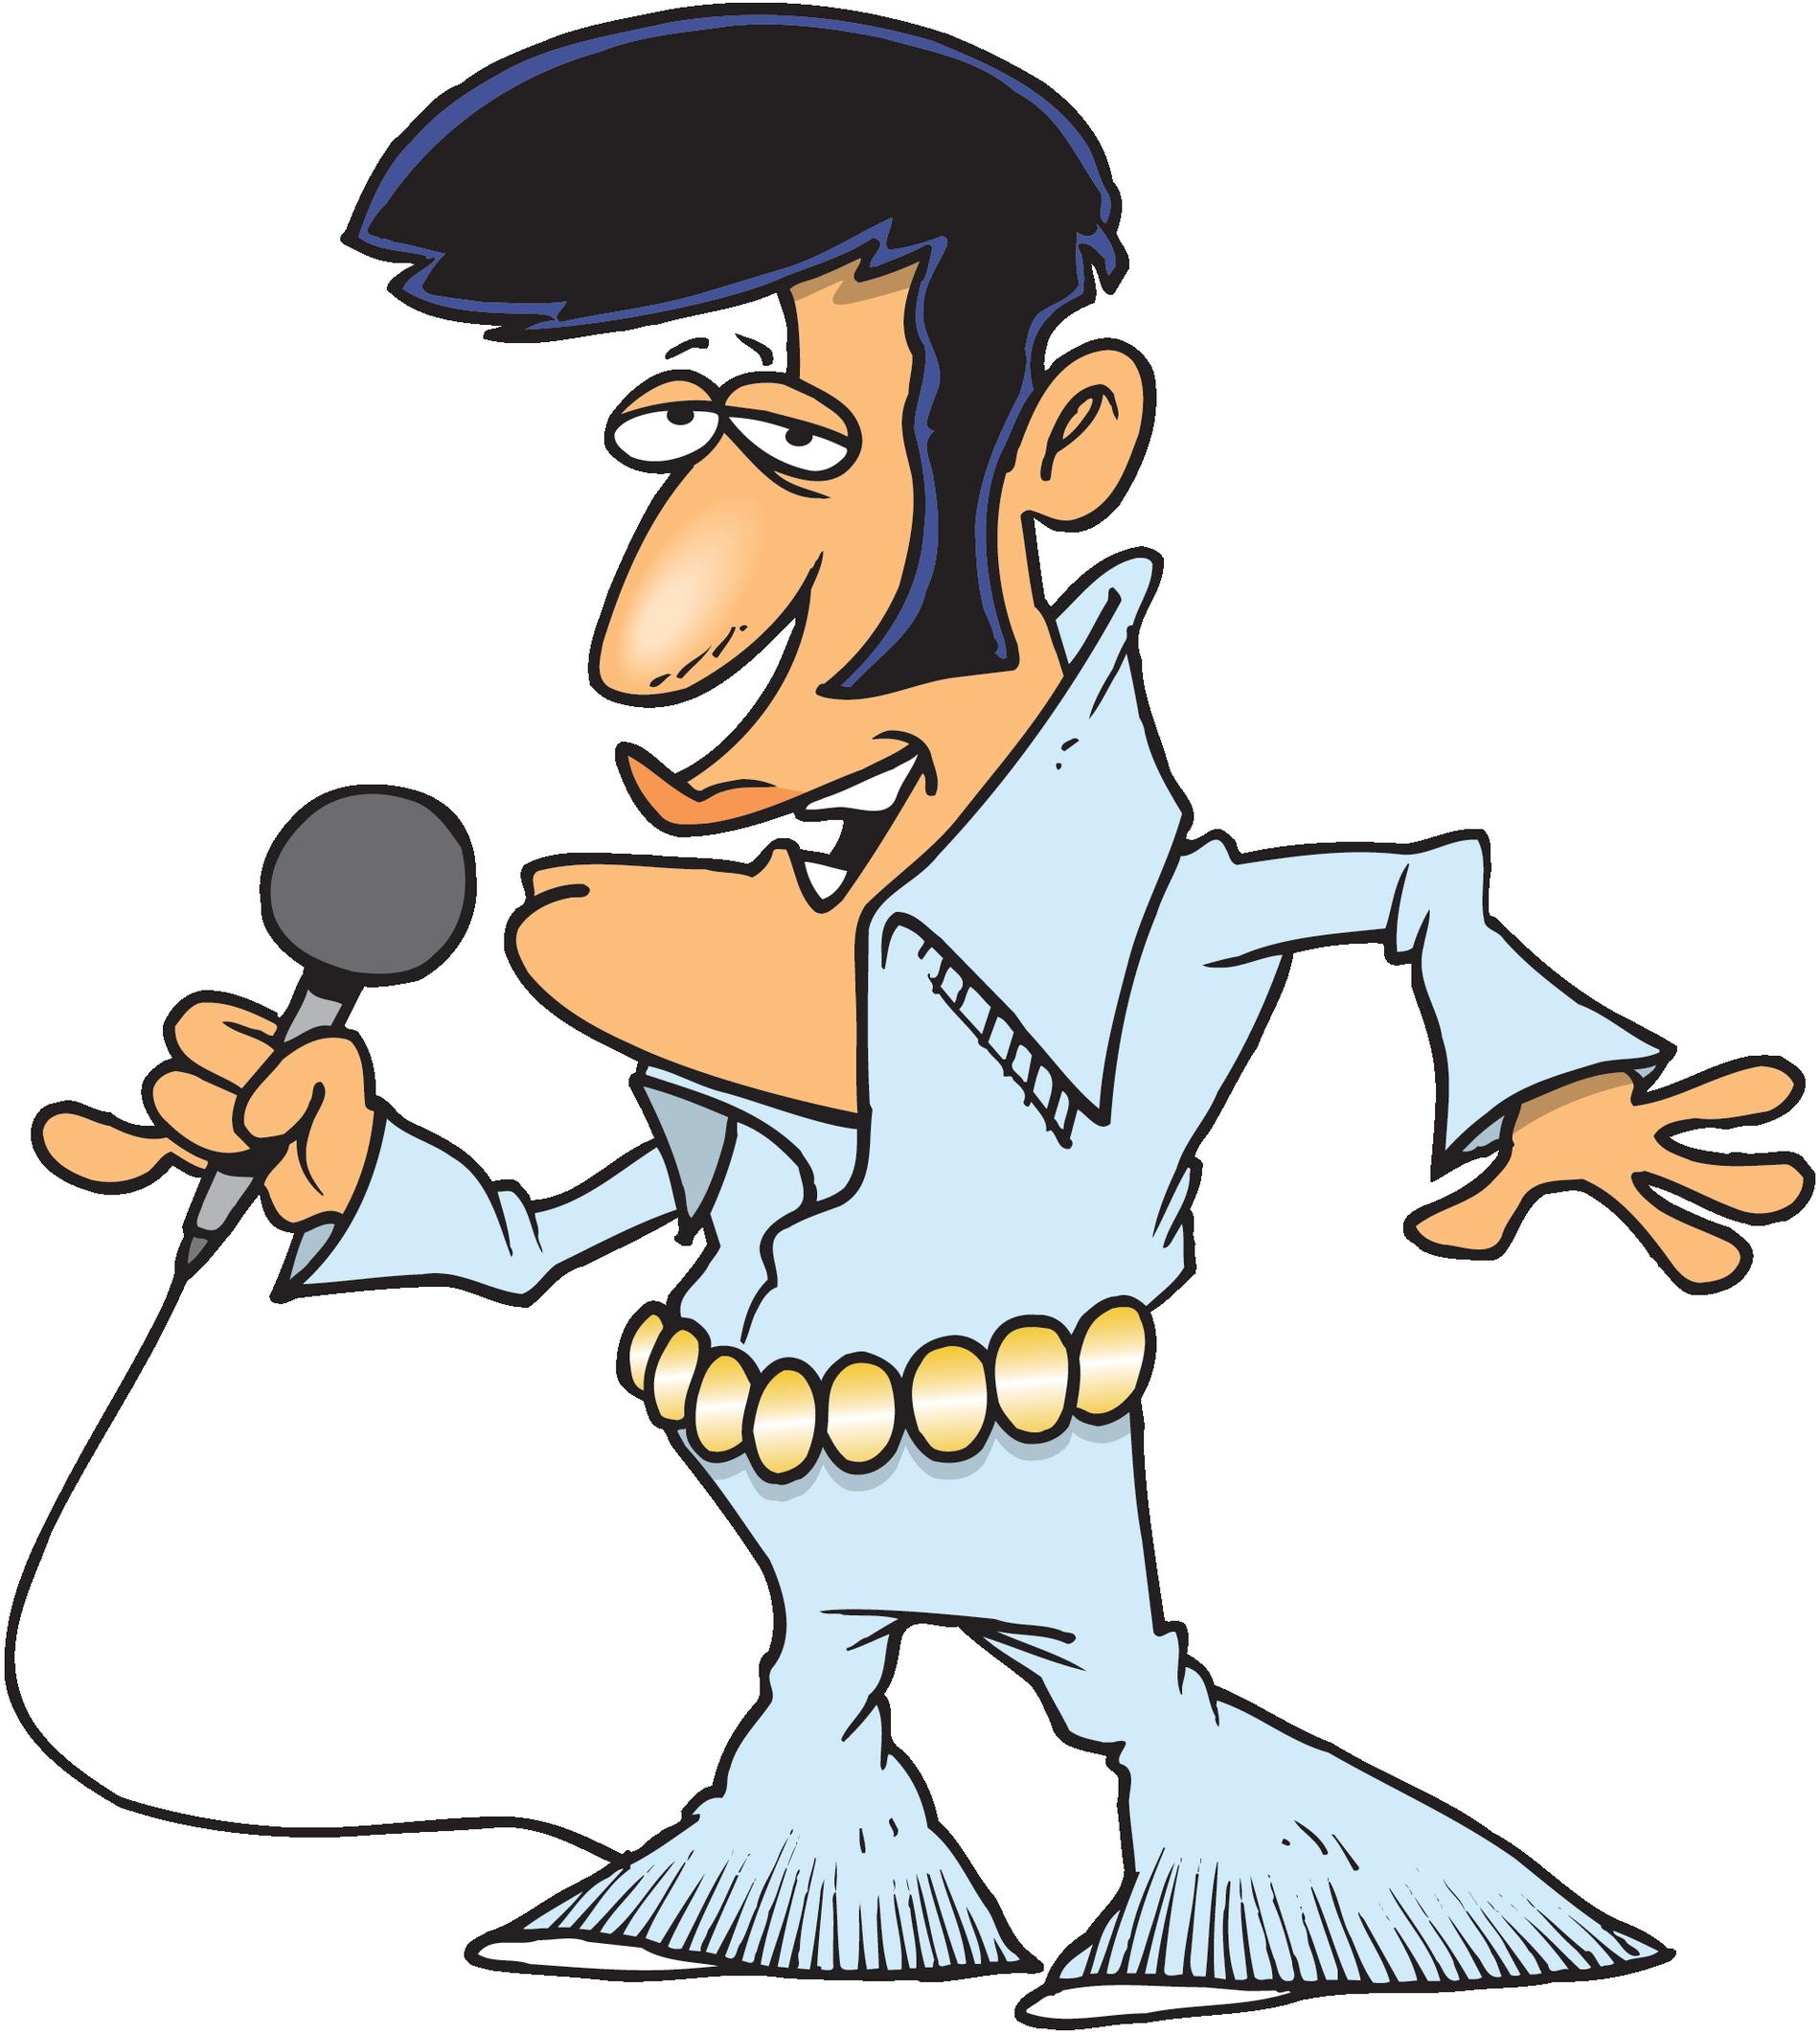 Elvis Presley clipart Elvis Presley Silhouette Presley Elvis Presley  presley